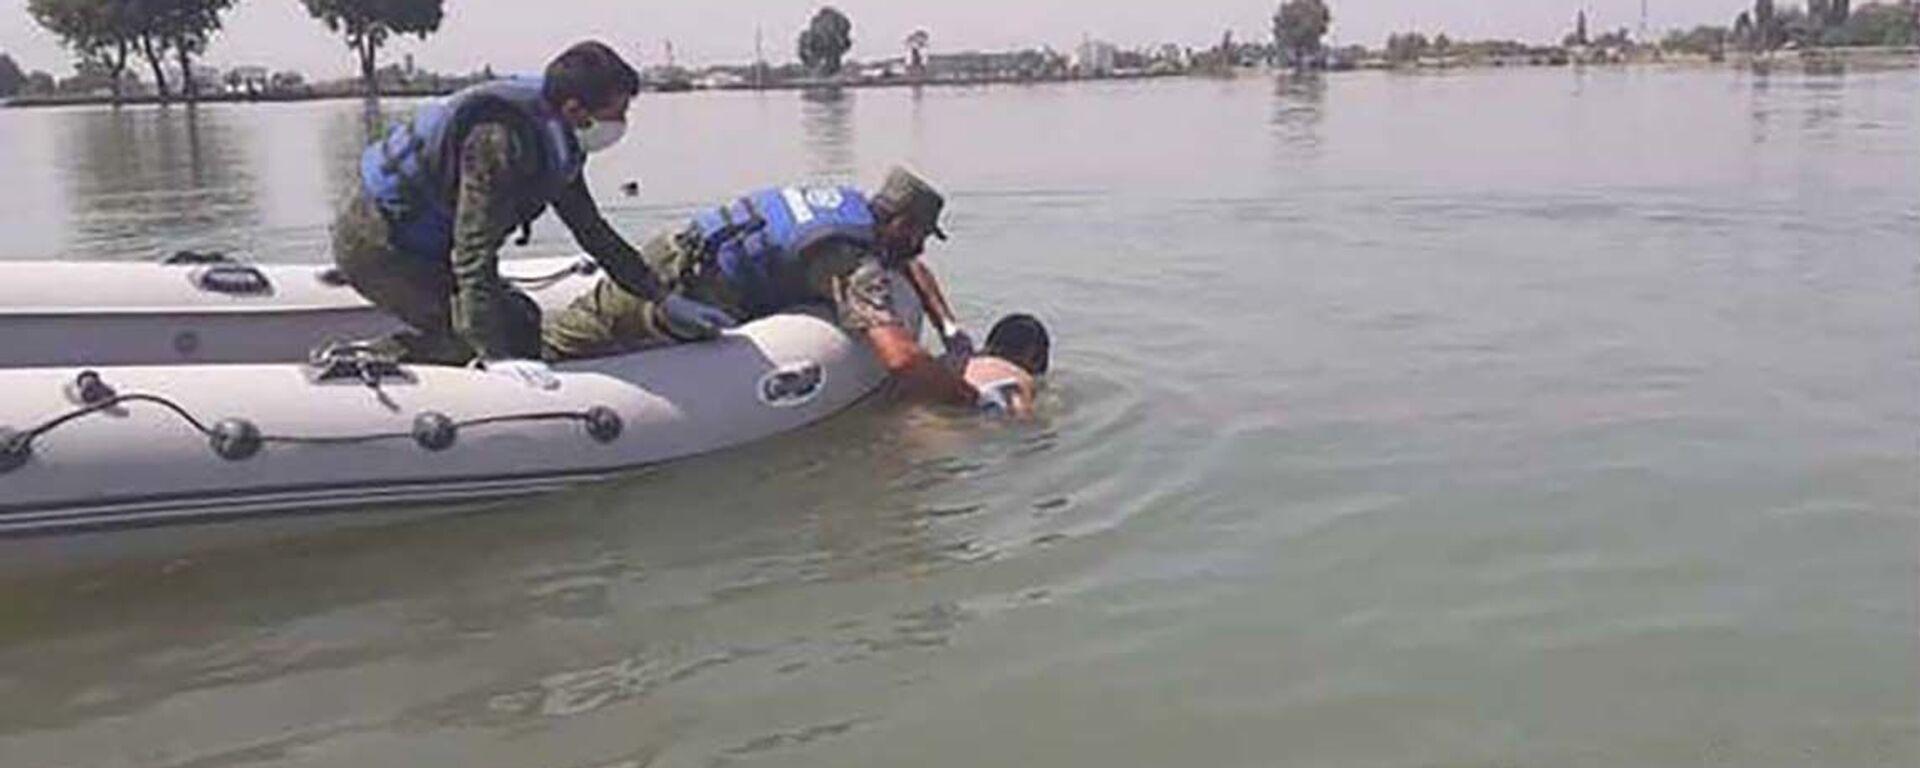 Спасатели КЧС Таджикистана достают тело утонувшего человека из молодежного озера - Sputnik Тоҷикистон, 1920, 25.05.2021